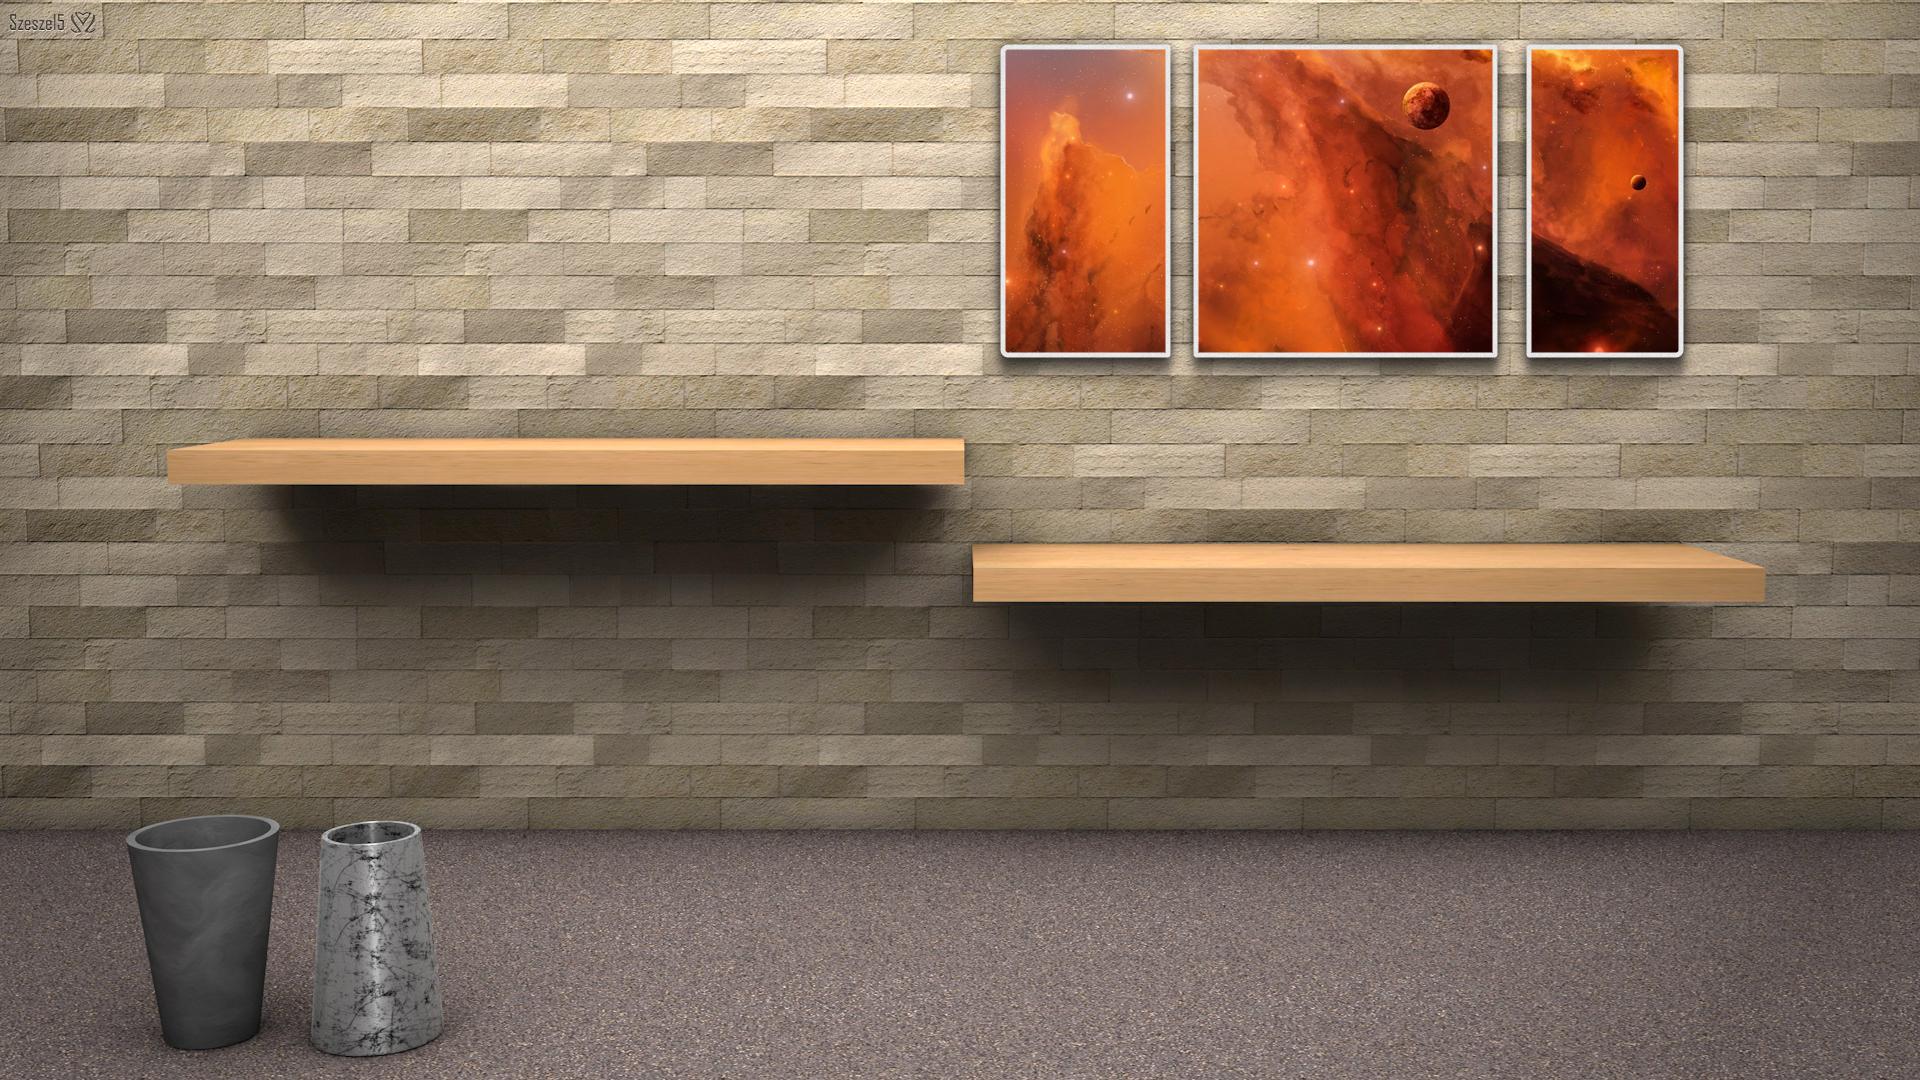 デスクトップ整理を壁紙の工夫で行い仕事効率化しよう 棚や仕切りの無料画像が使えます